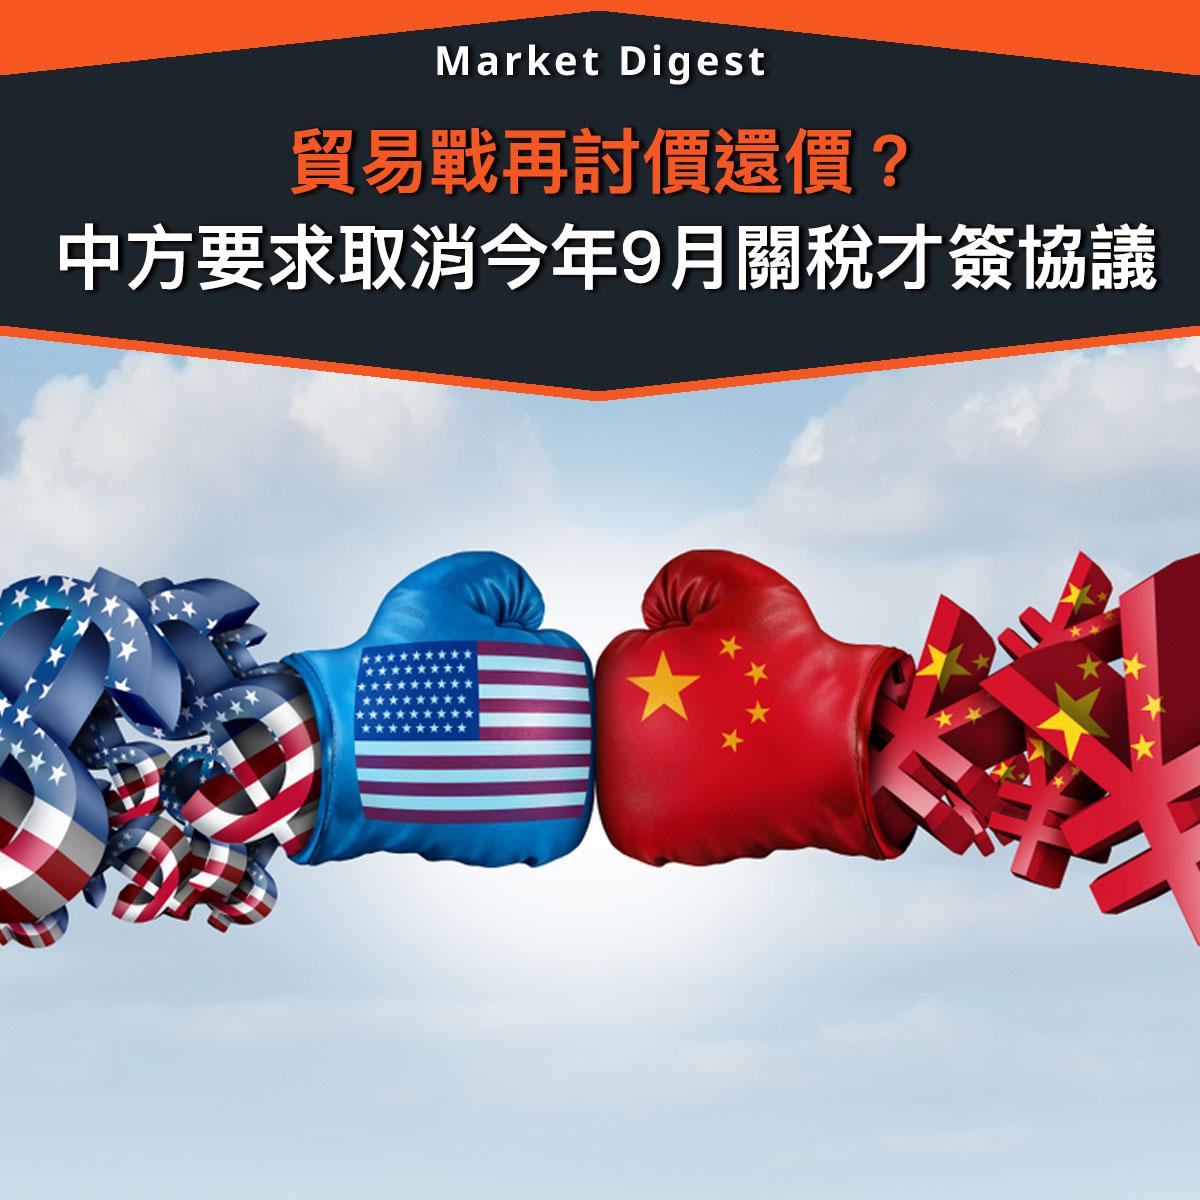 【中美貿易戰】中方要求取消今年9月關稅才簽協議